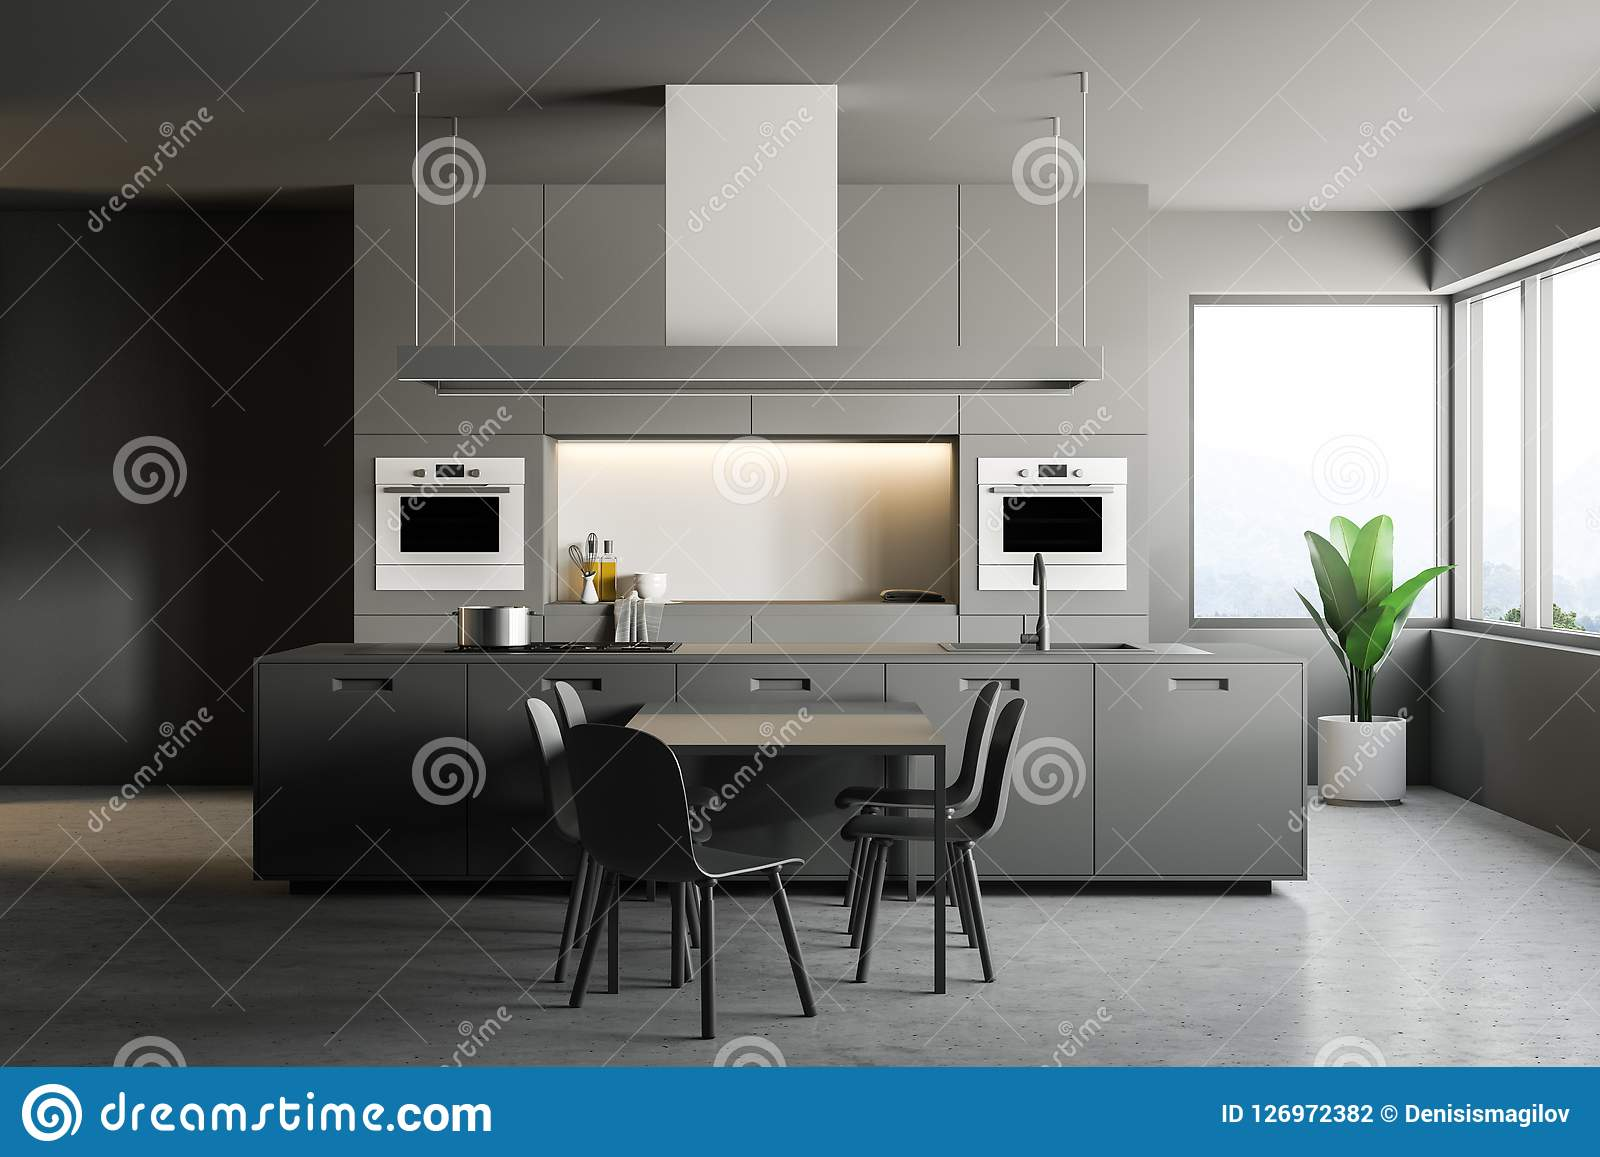 gray kitchen chairs chicken decor 灰色现代厨房内部 桌和椅子库存例证 插画包括有机柜 楼层 碗柜 家具 桌和椅子